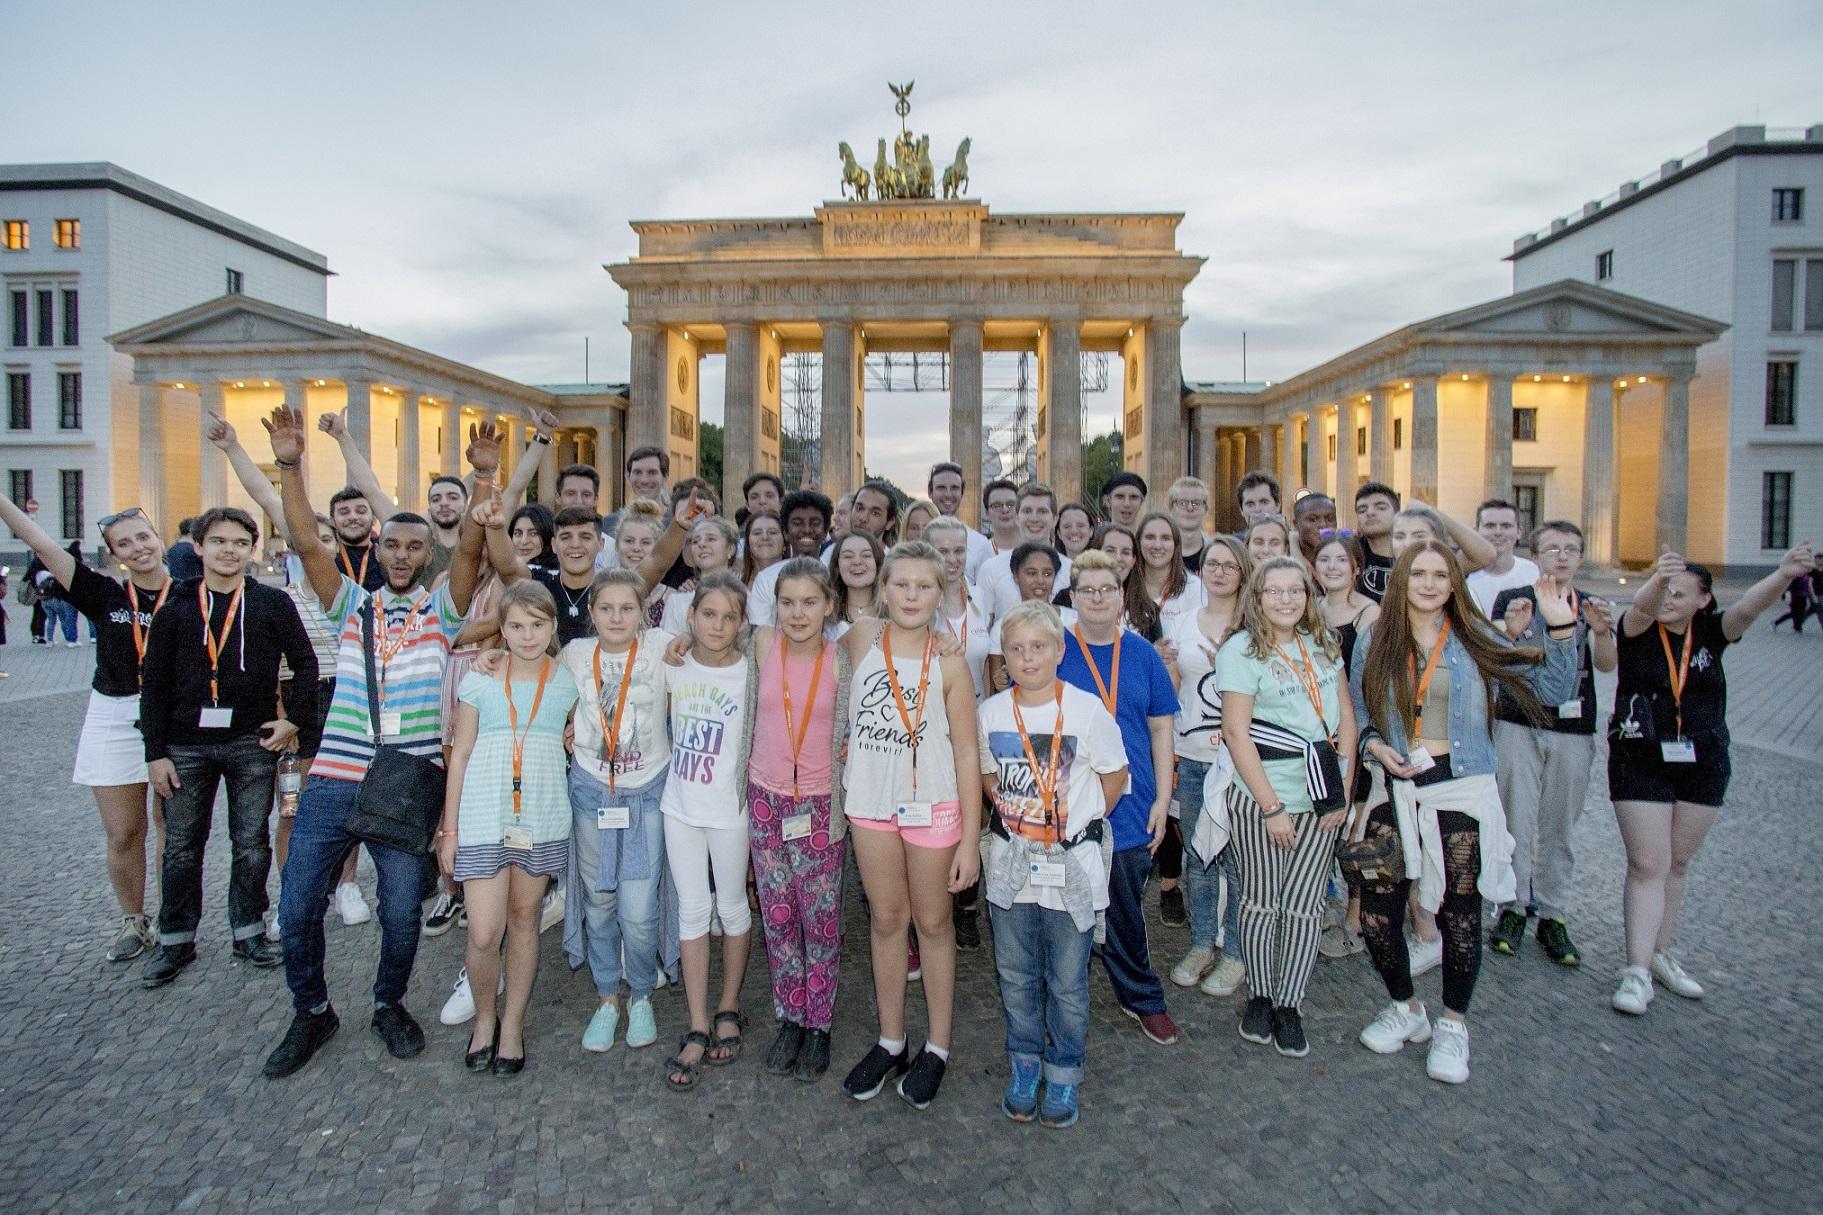 Die Sieger*innen des Engagement-Wettbewerbs in Berlin vor dem Brandenburger Tor.